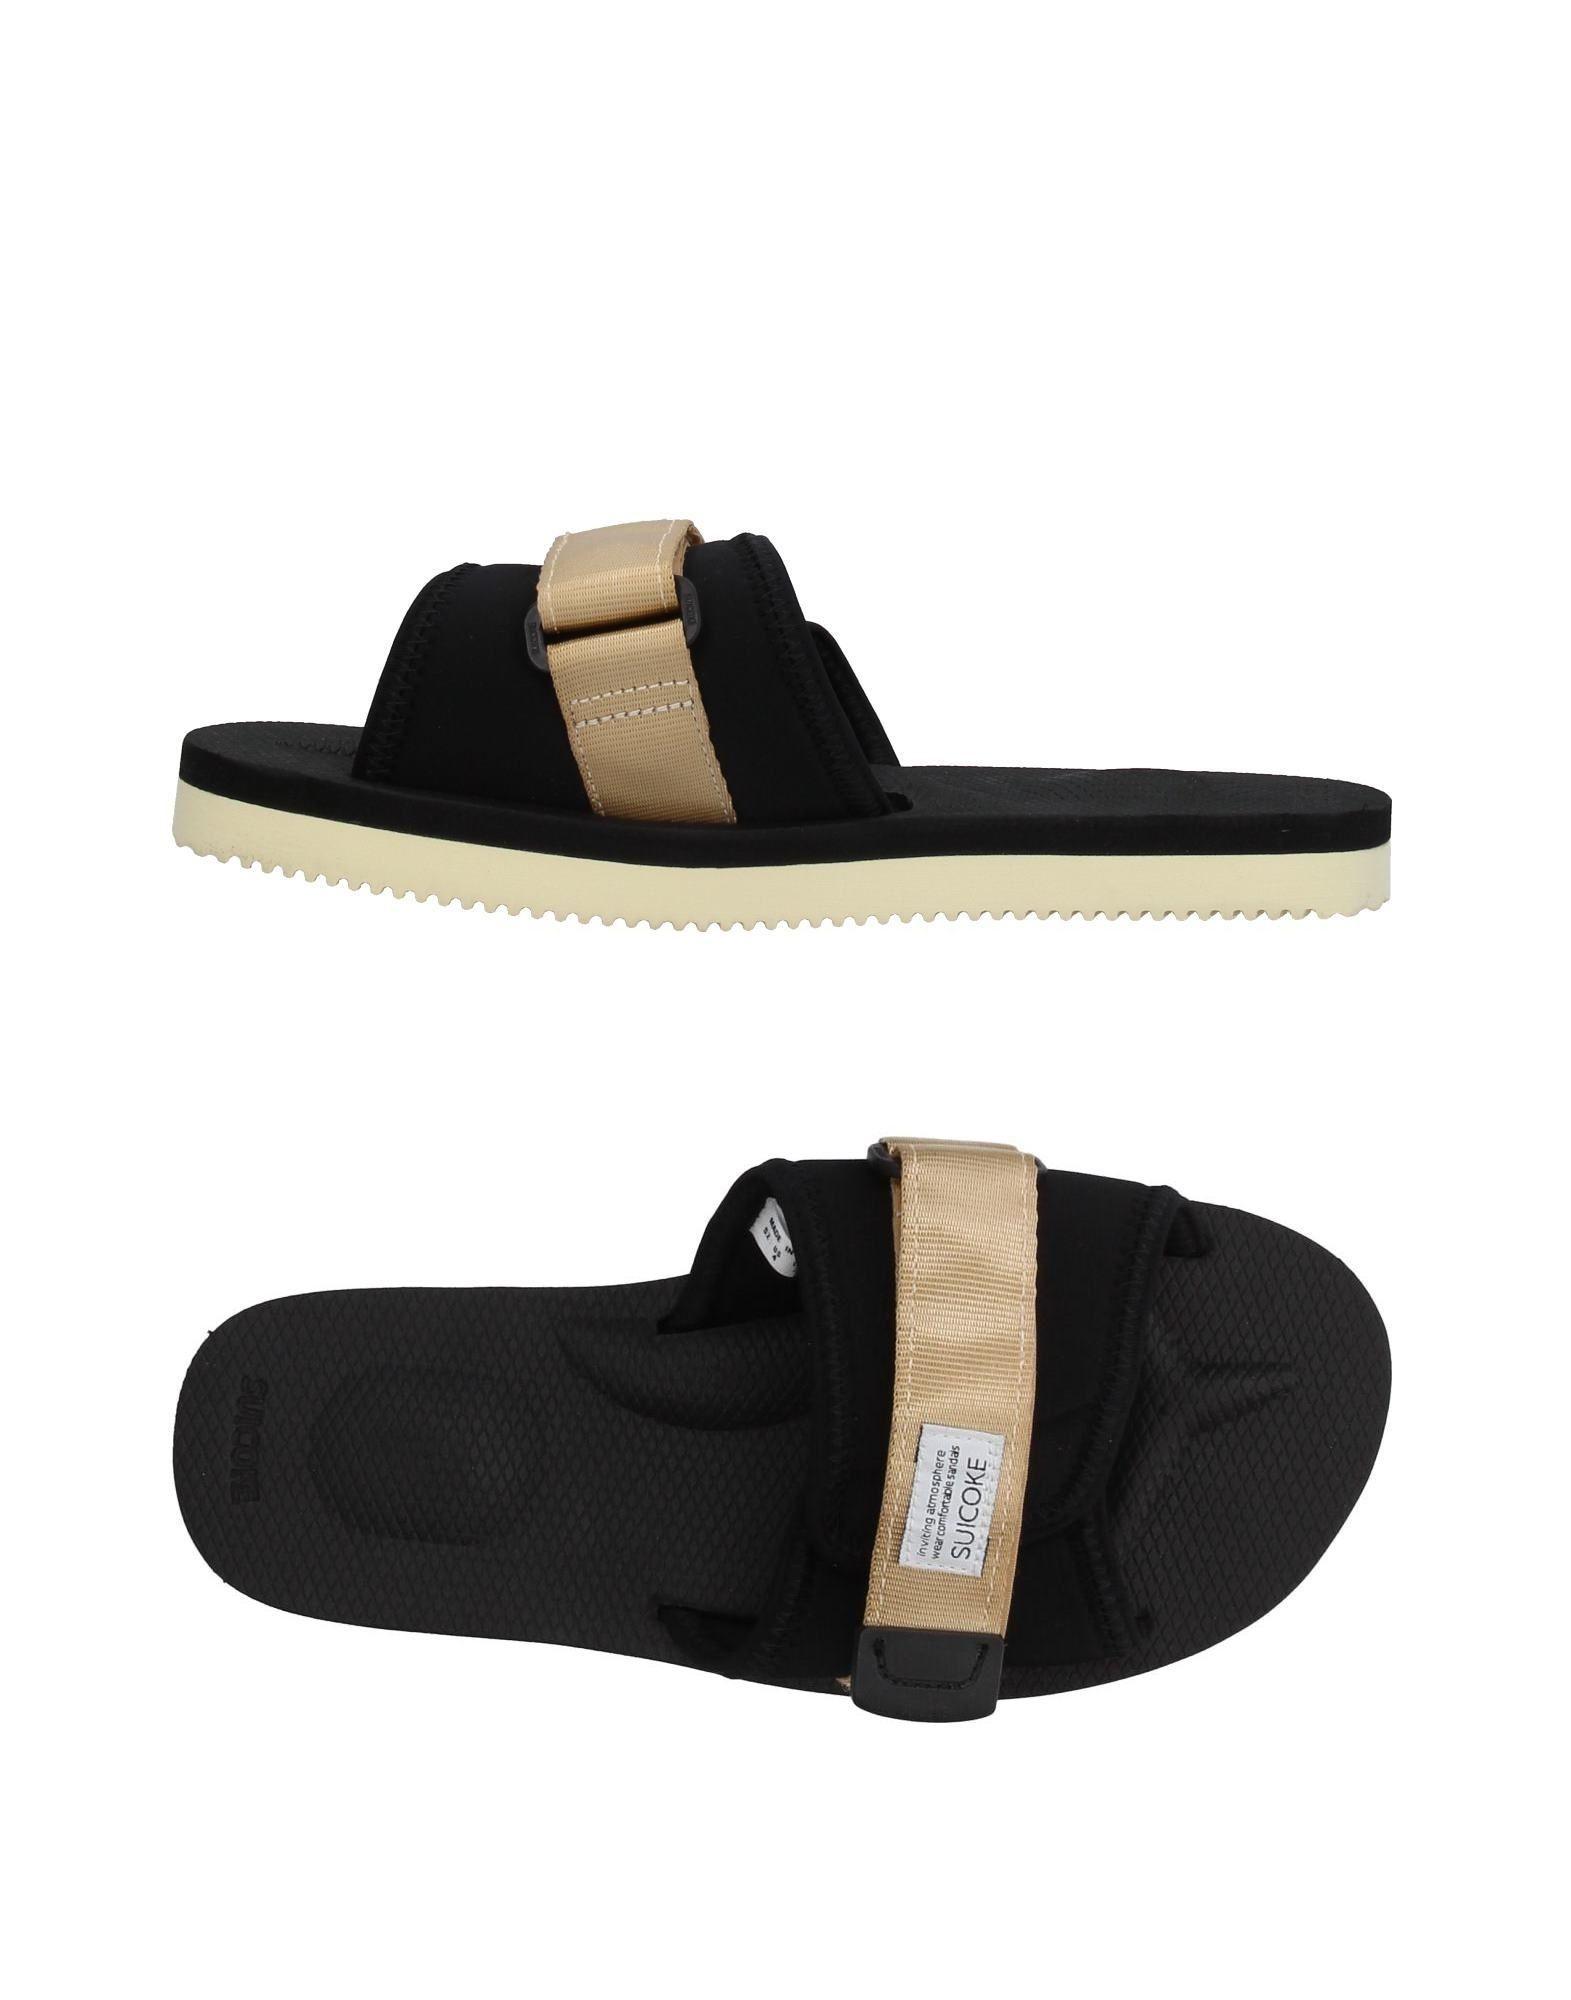 979a0825550a SUICOKE Sandals